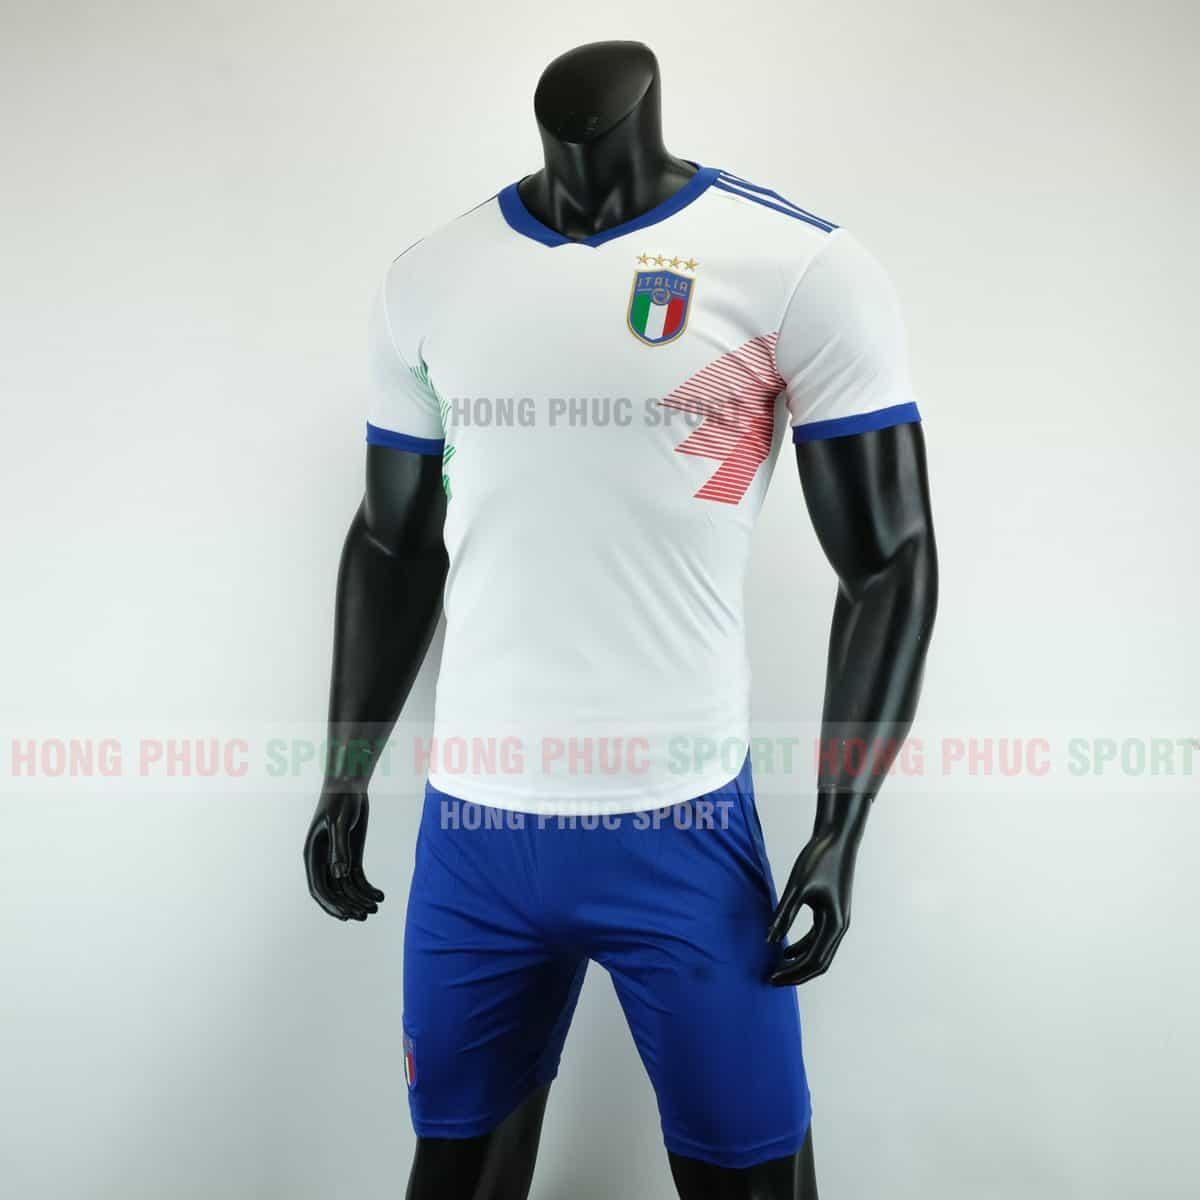 Áo đá bóng đội tuyển ITALIA màu trắng mùa giải 2019